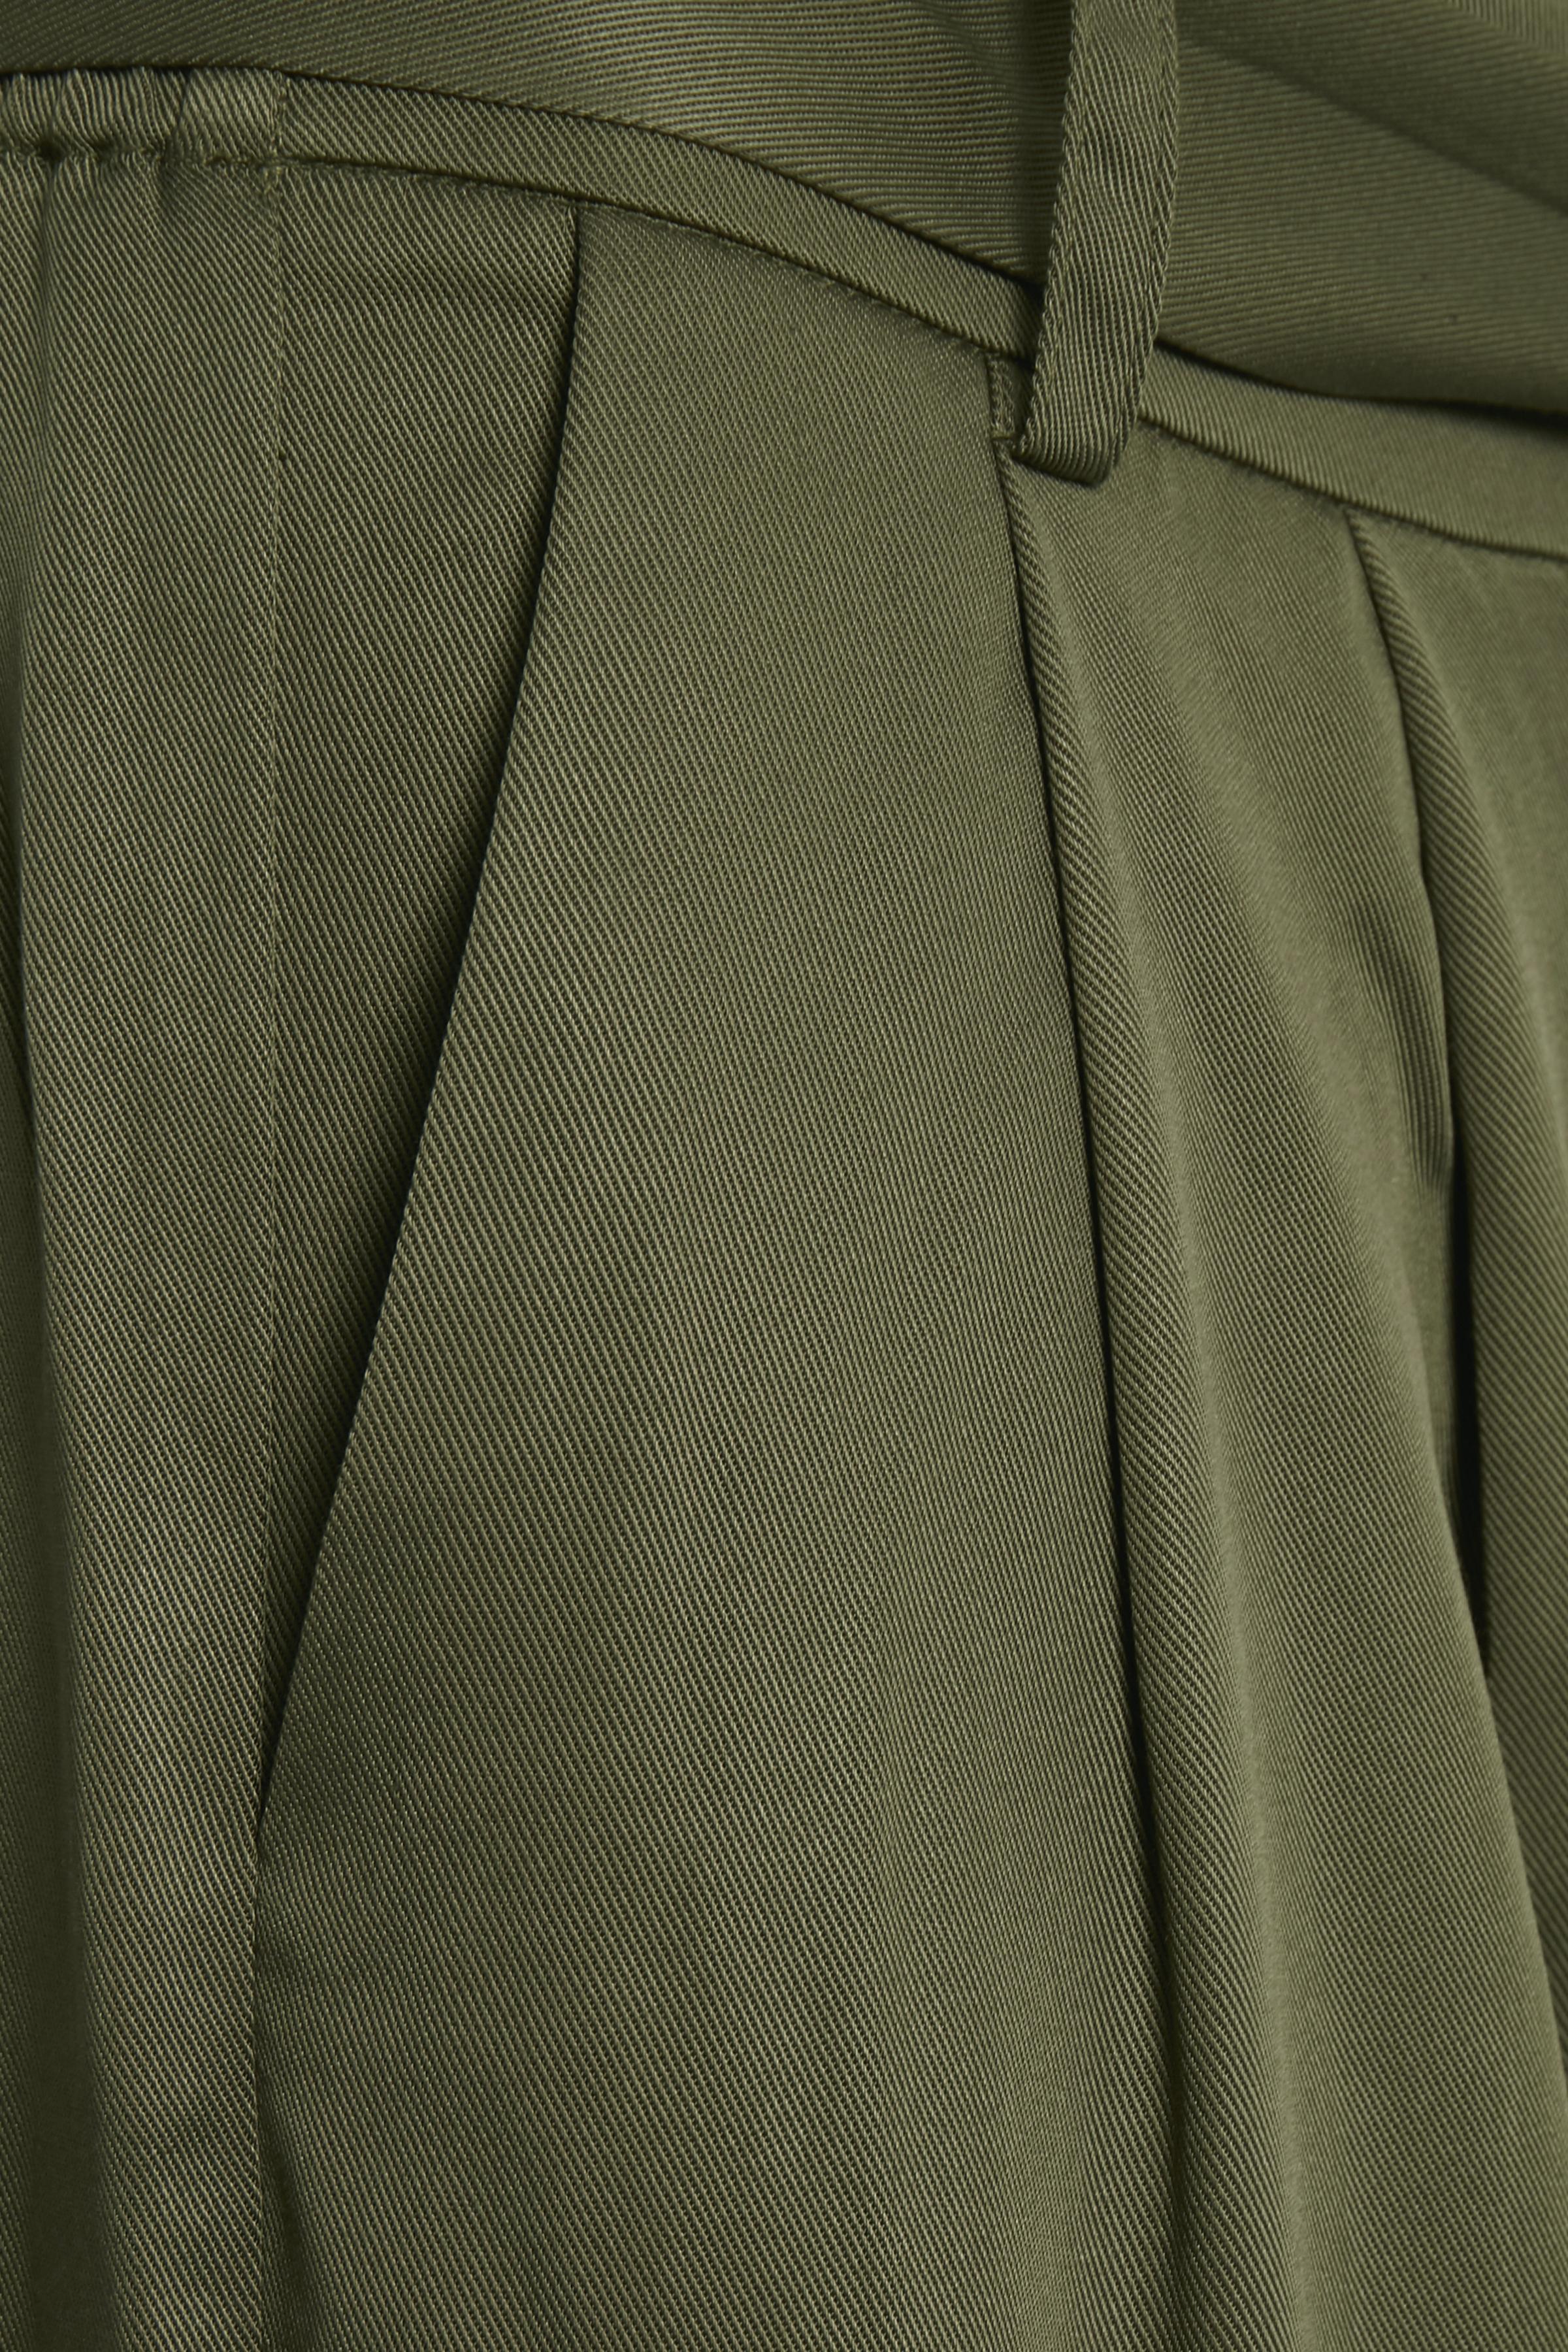 Olivgrön Ankelbyxa från Culture – Köp Olivgrön Ankelbyxa från stl. 34-44 här